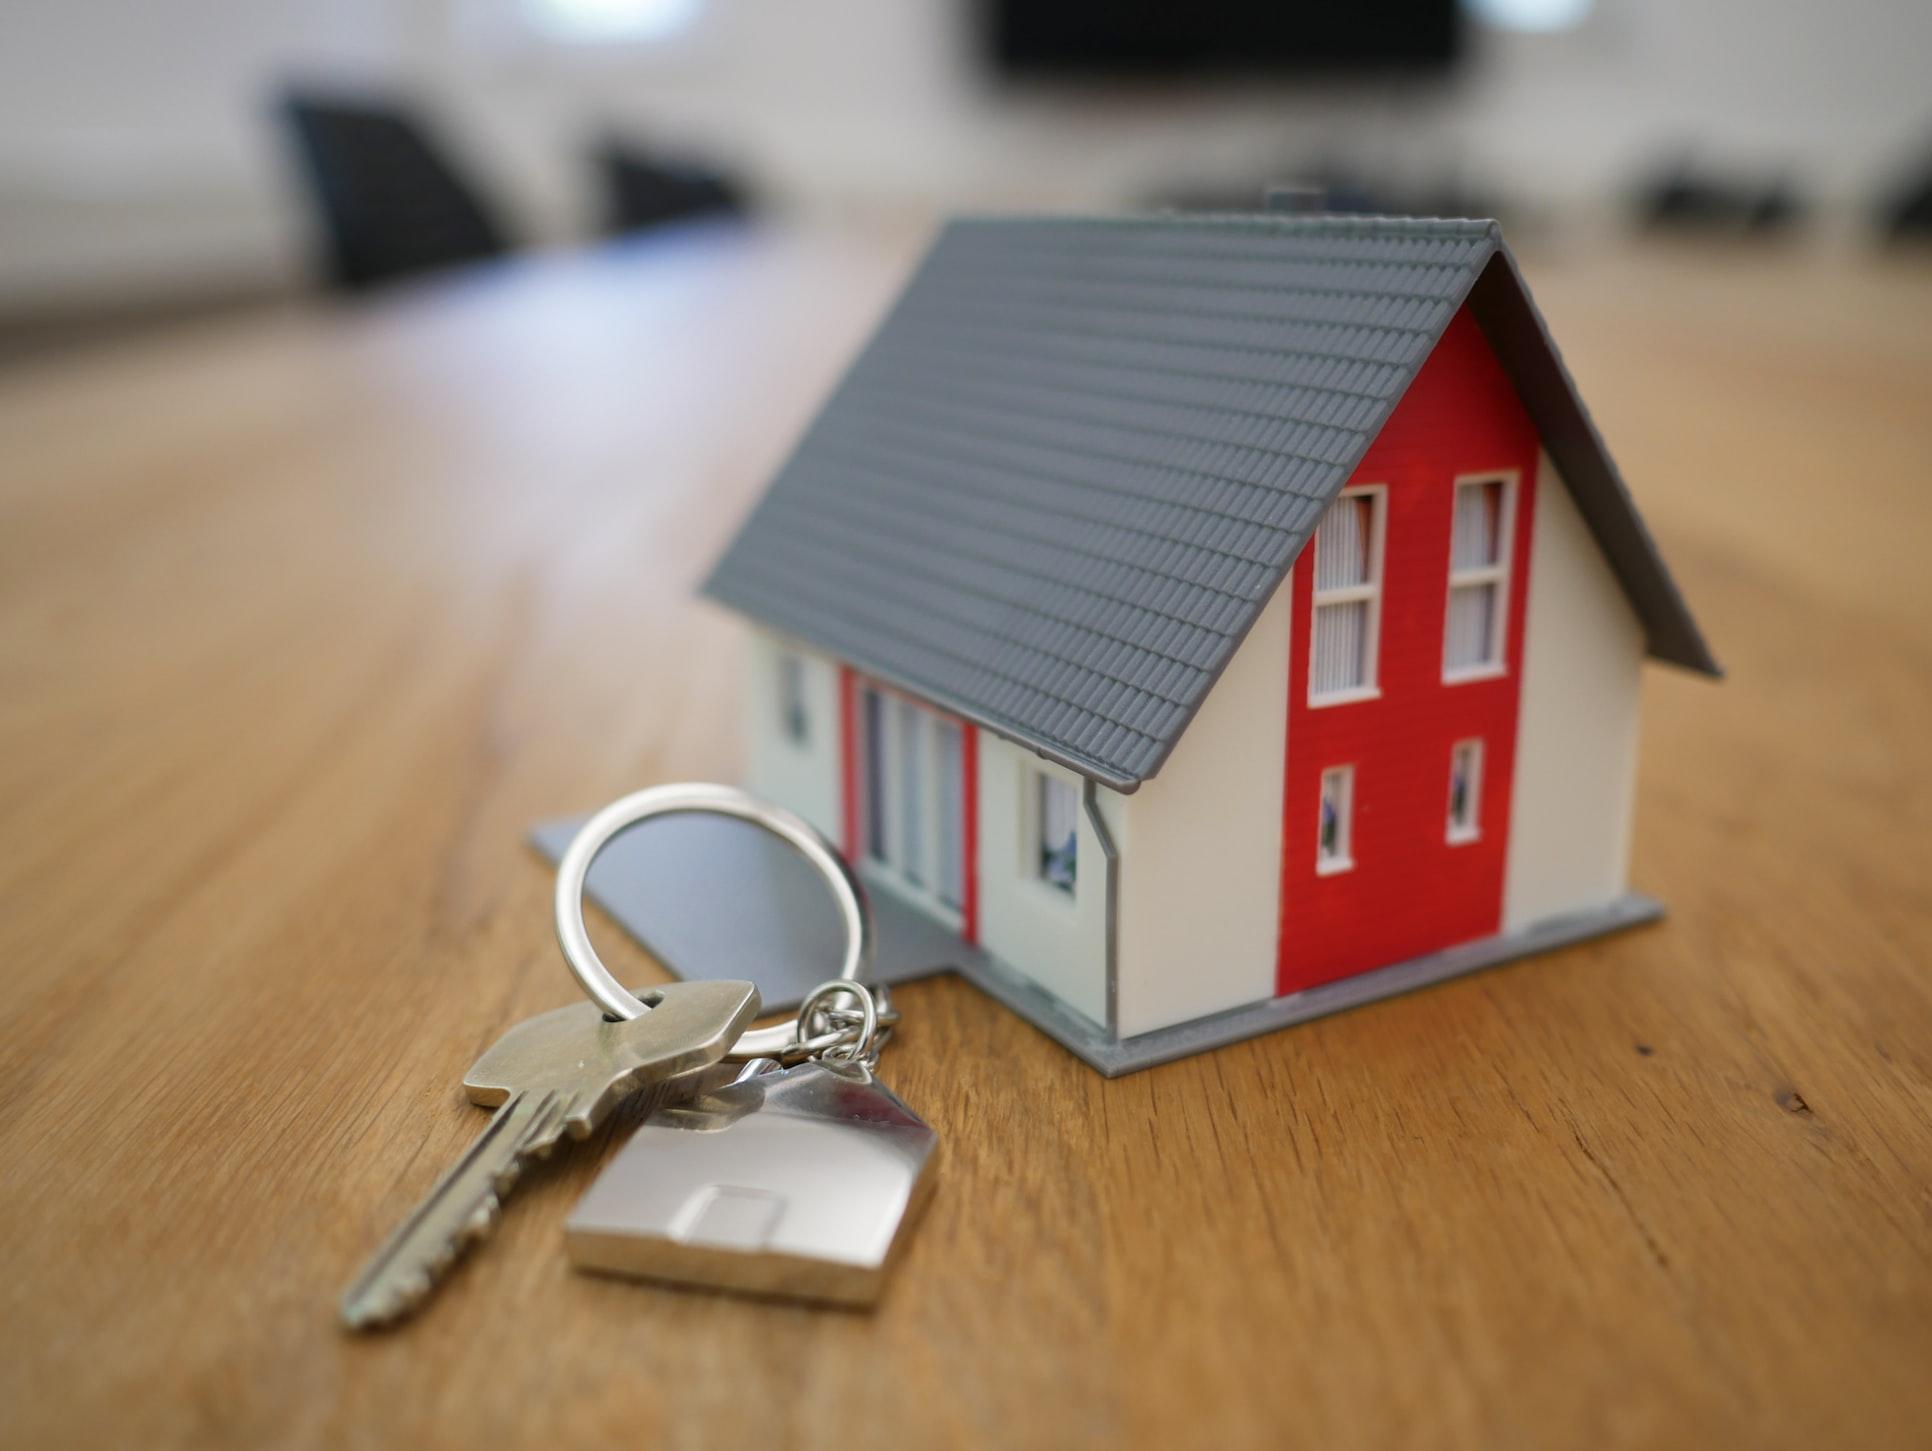 Miniature house figure with keys